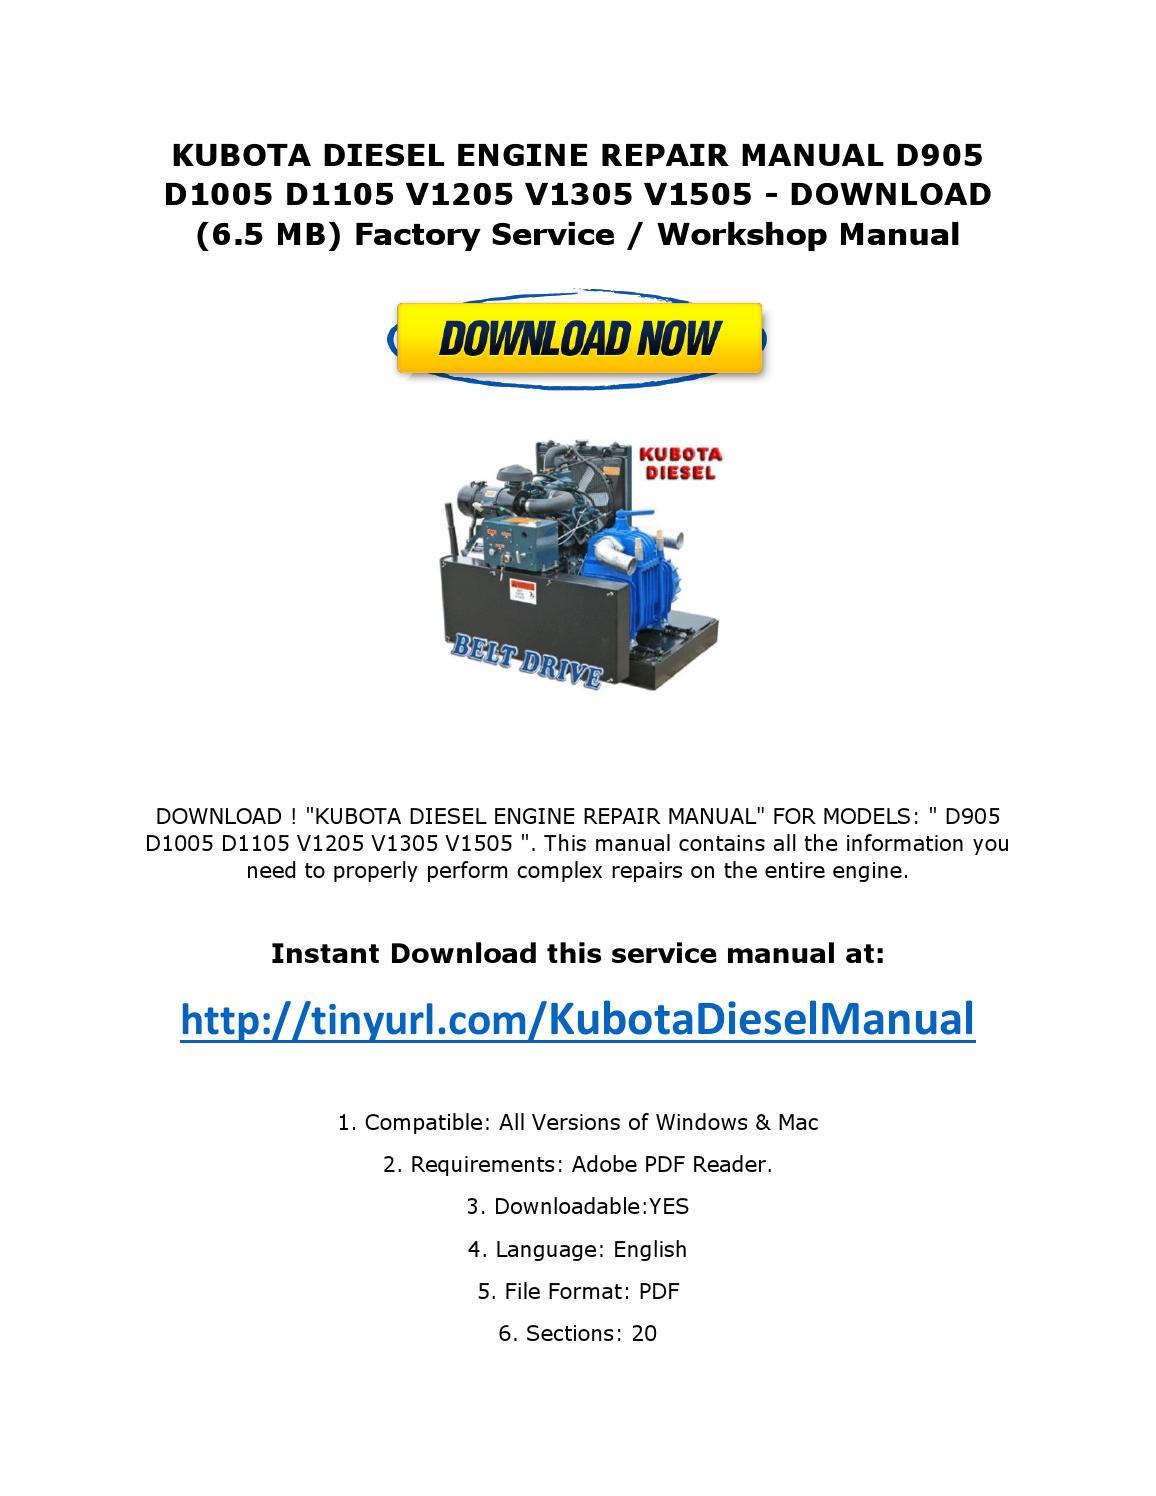 Kubota diesel engine repair manual d905 d1005 d1105 v1205 v1305 v1505 by  ServiceManualsDownloadOnline - issuu